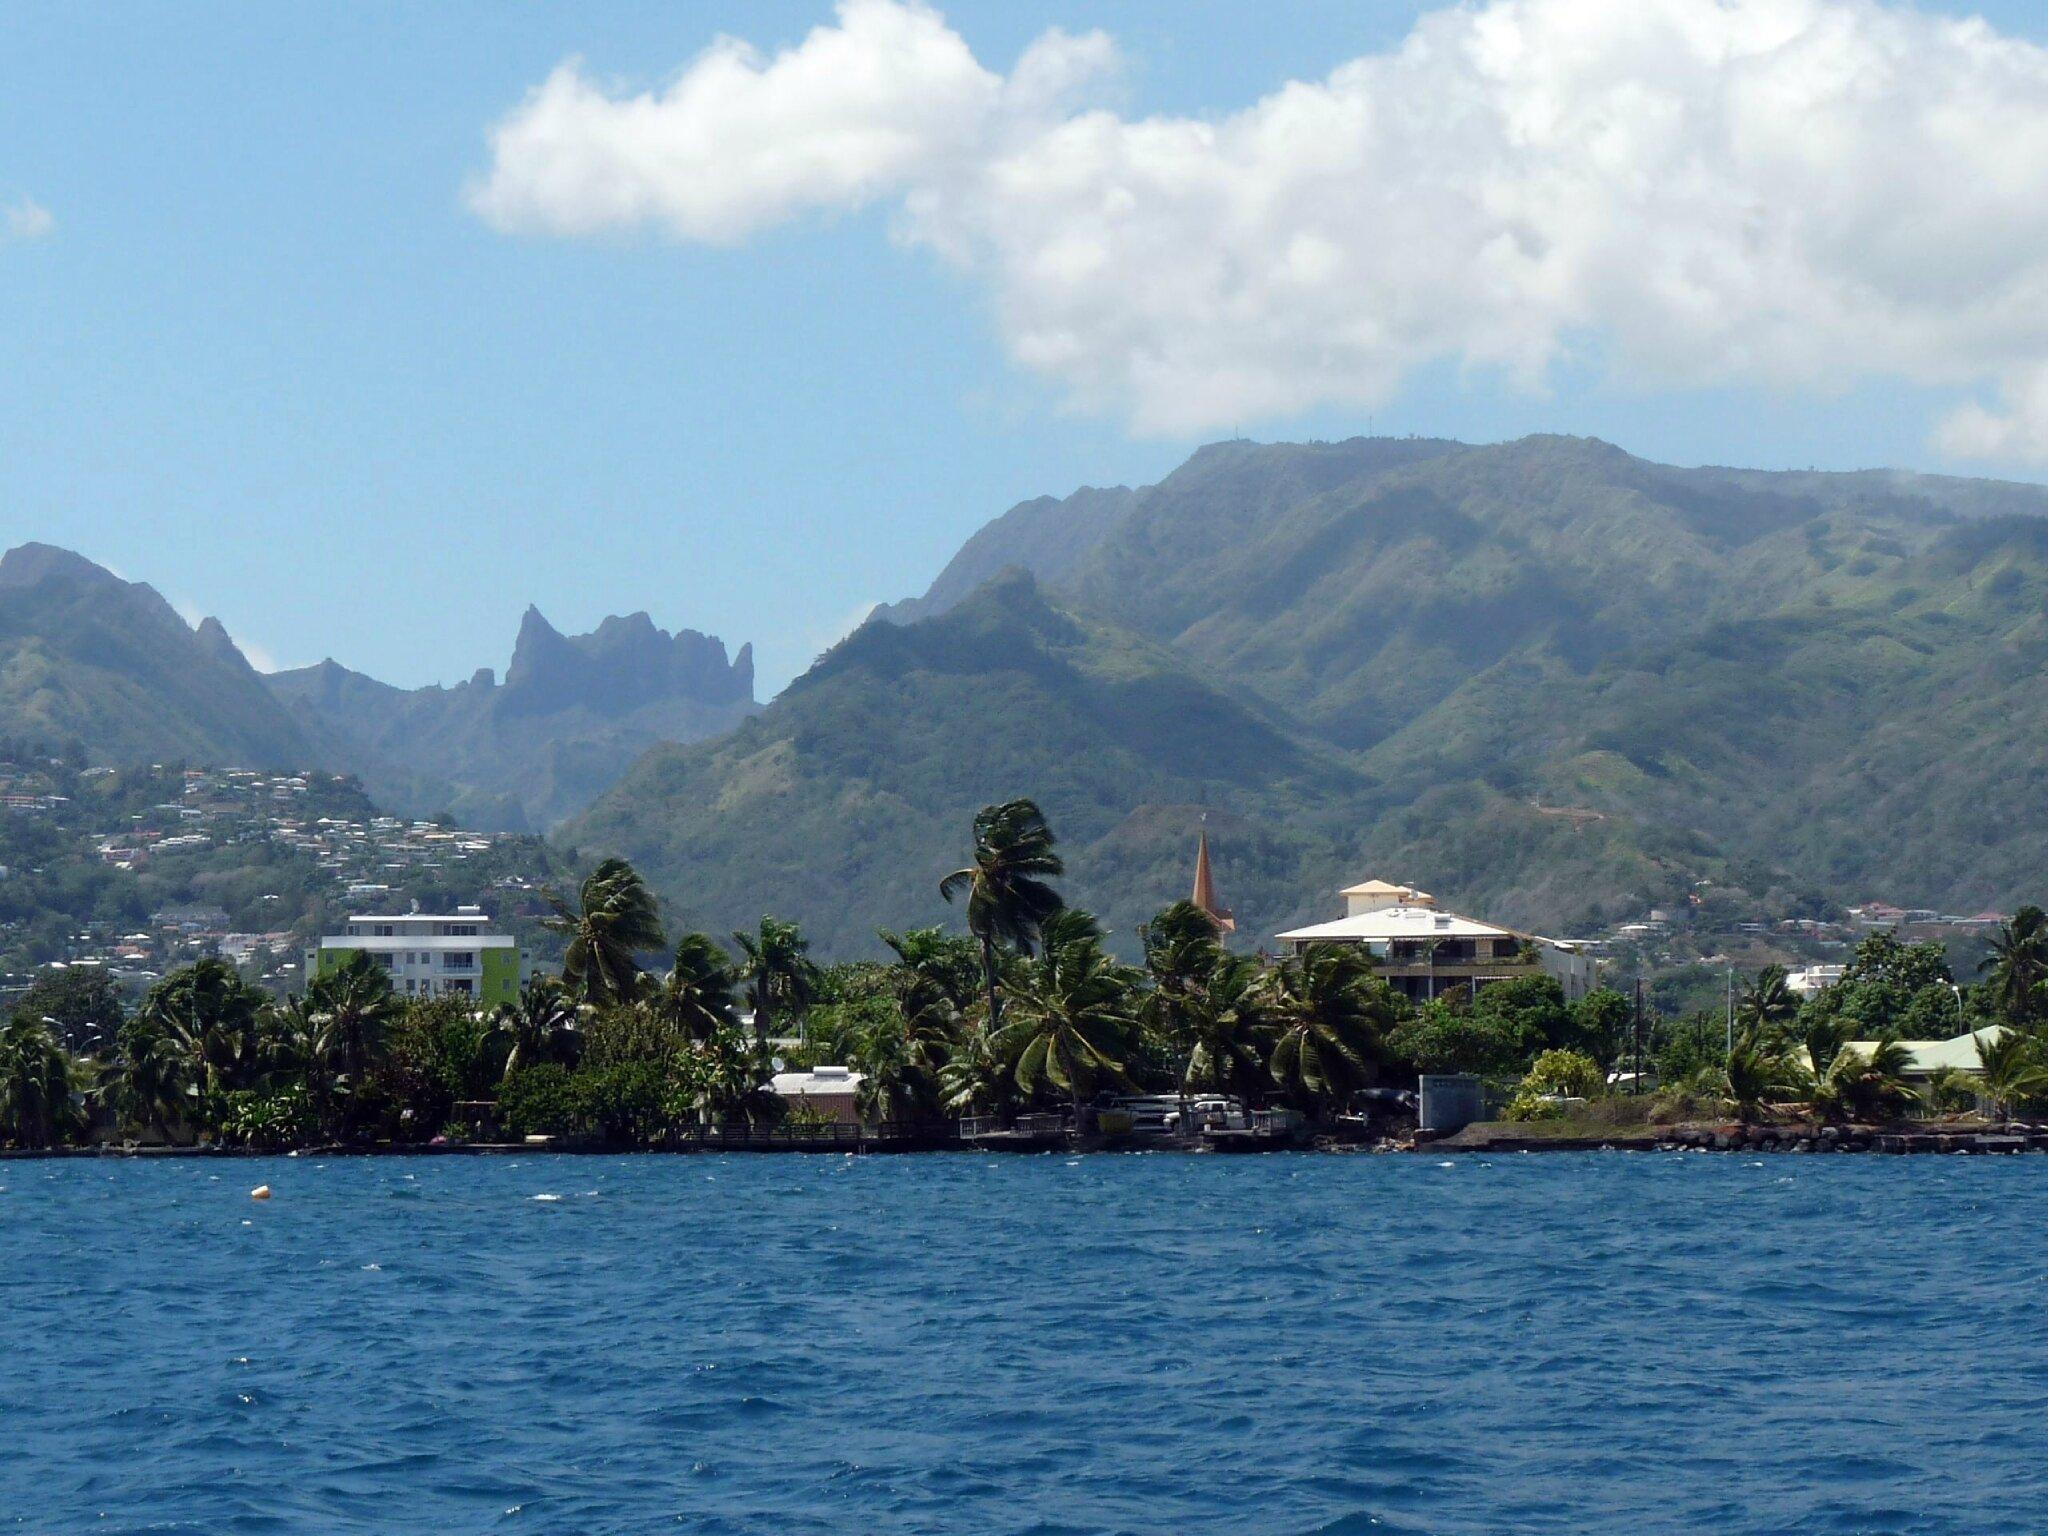 Des Caudrotais à TAHITI 1 Septembre 2014 (4)